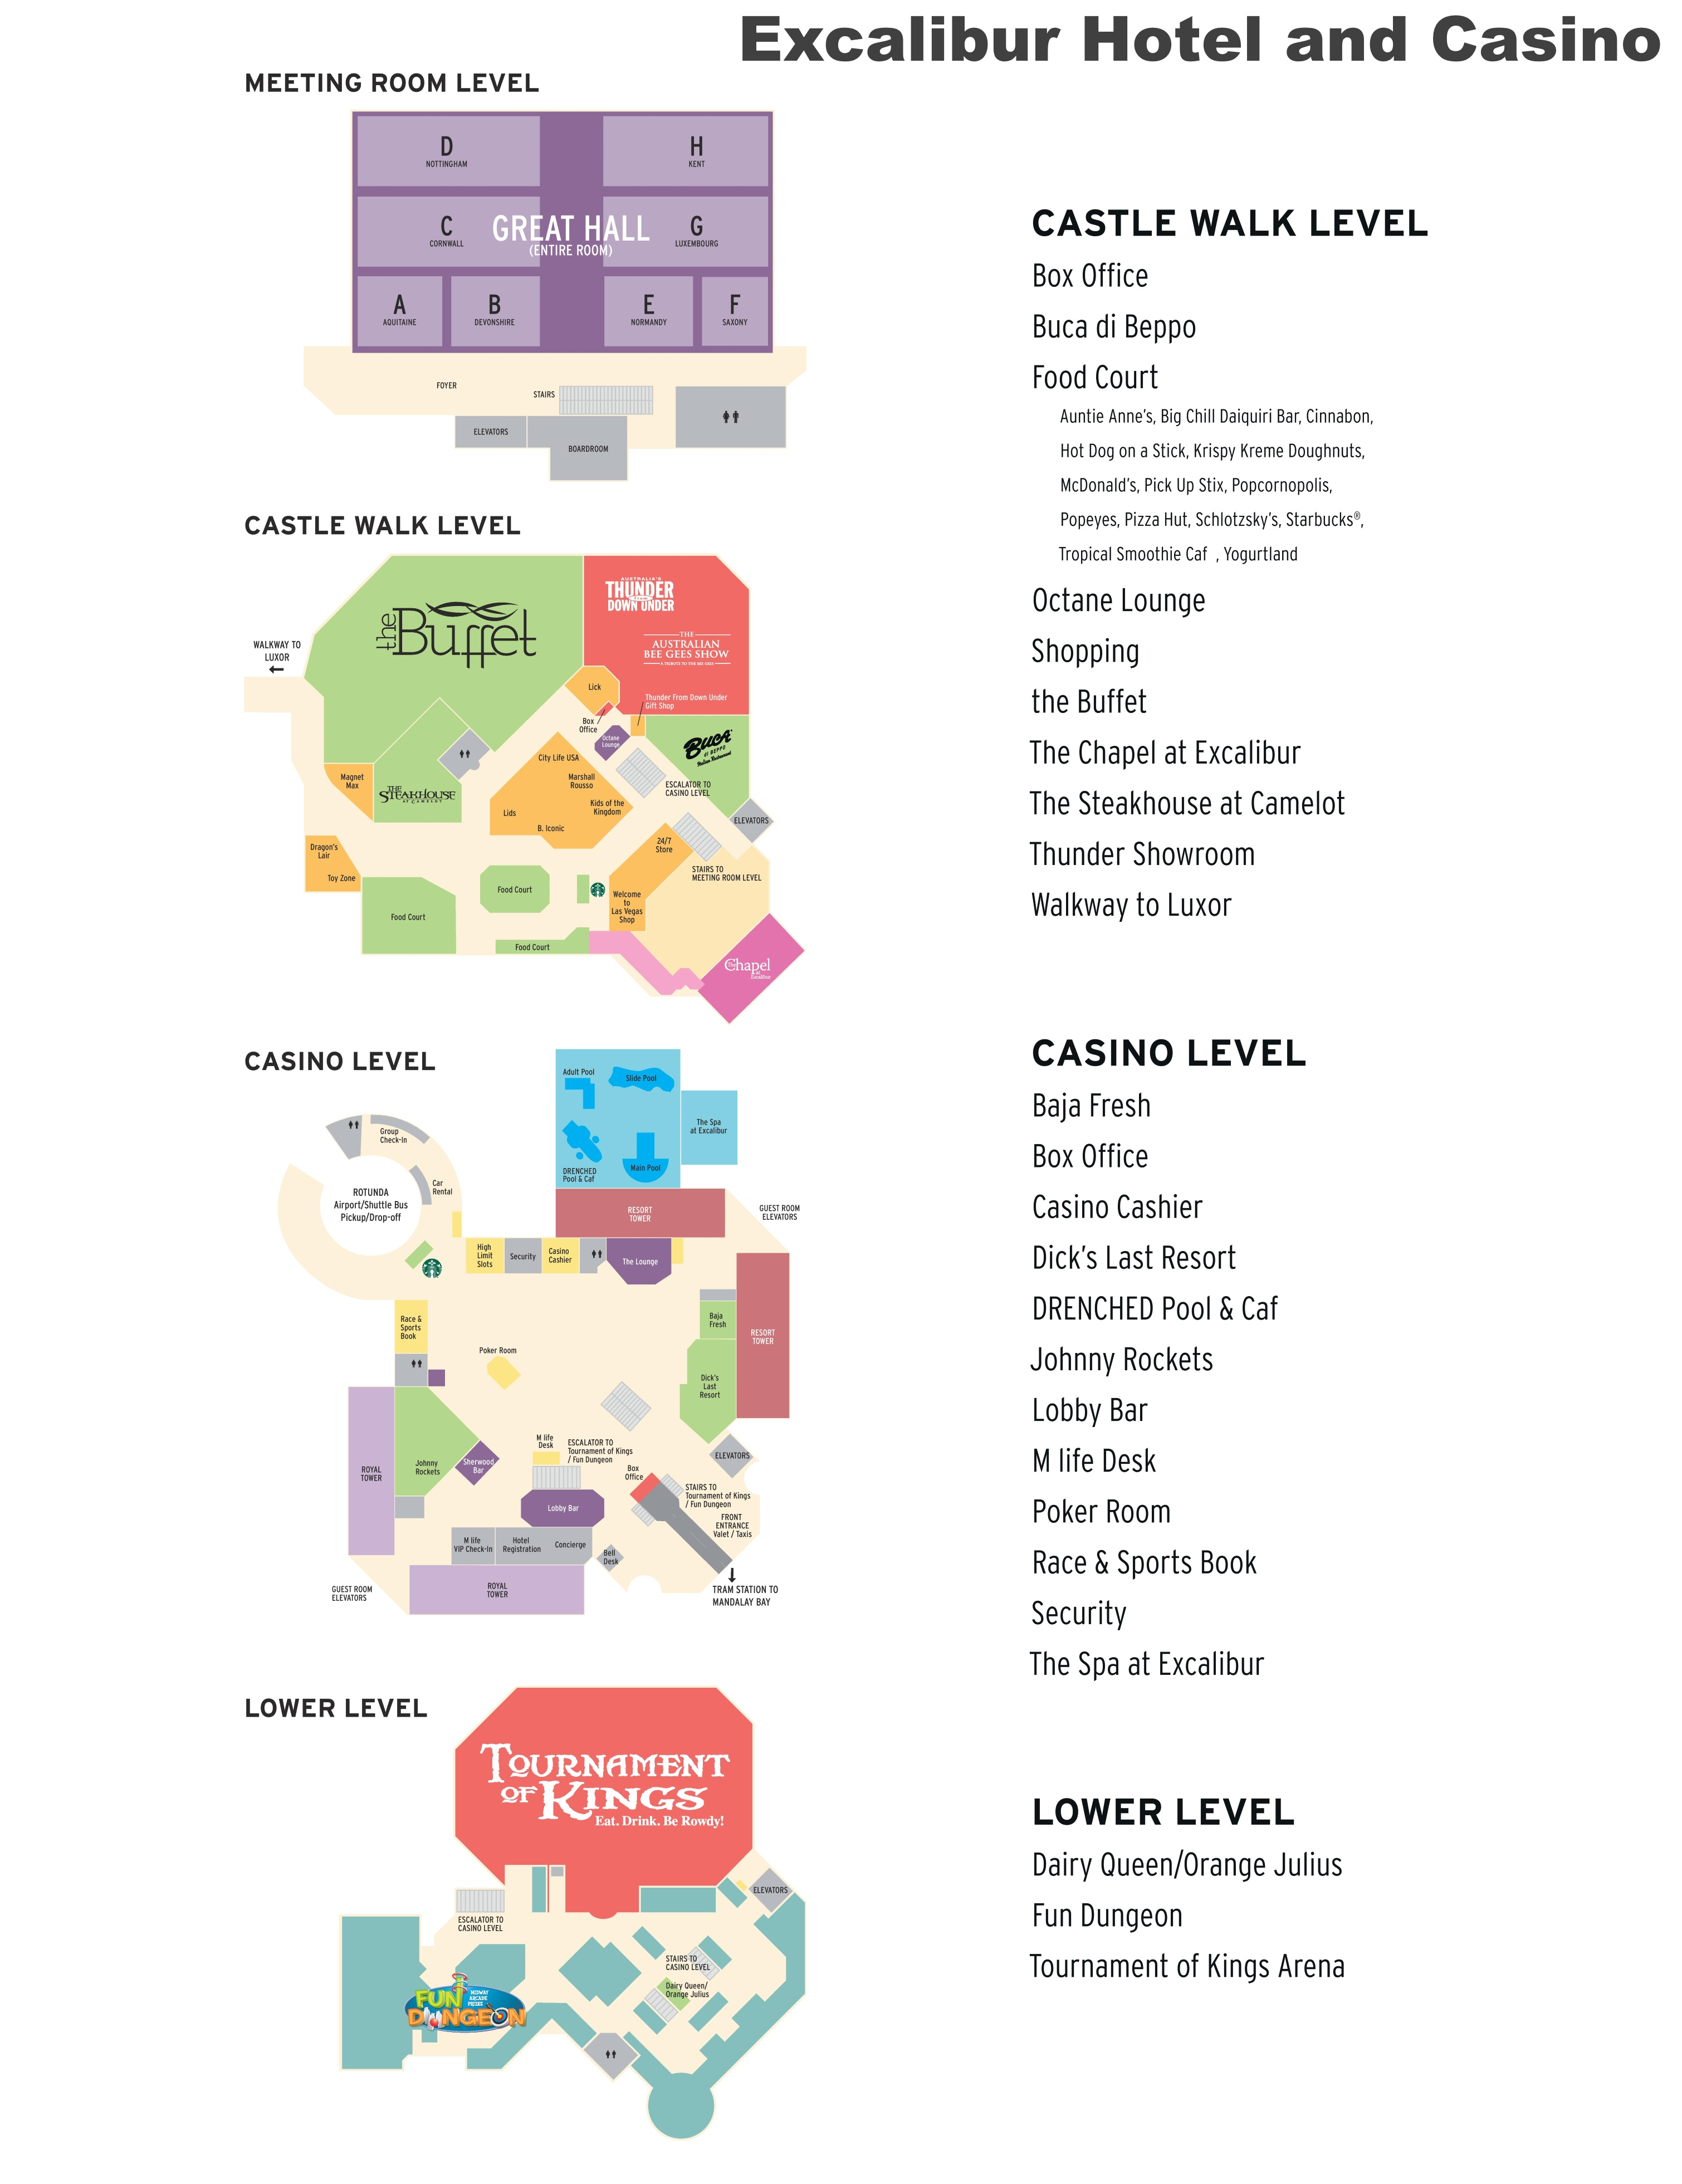 Las Vegas Excalibur hotel map